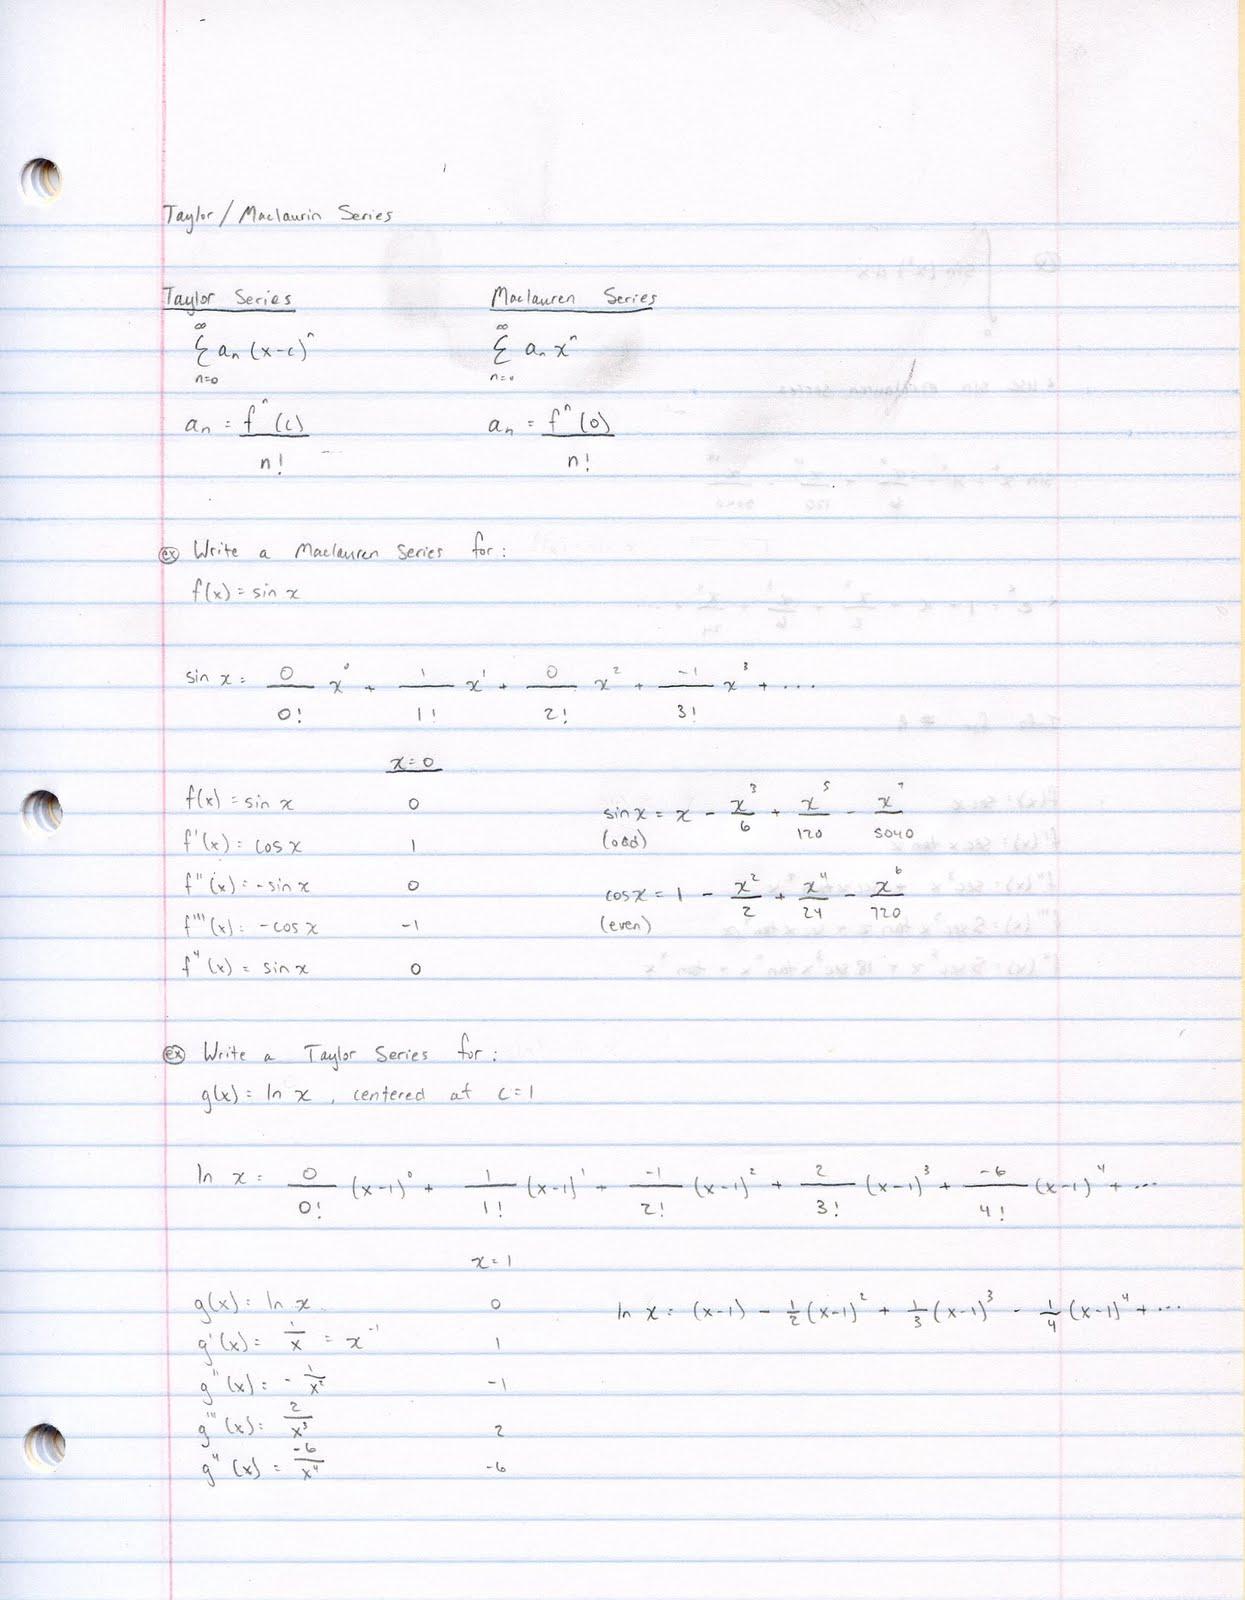 http://2.bp.blogspot.com/_LMdZrDMKW2k/S7KLBJb5IvI/AAAAAAAAAA0/Ct-l1AidGpY/s1600/notes_bc_mar30a.jpg